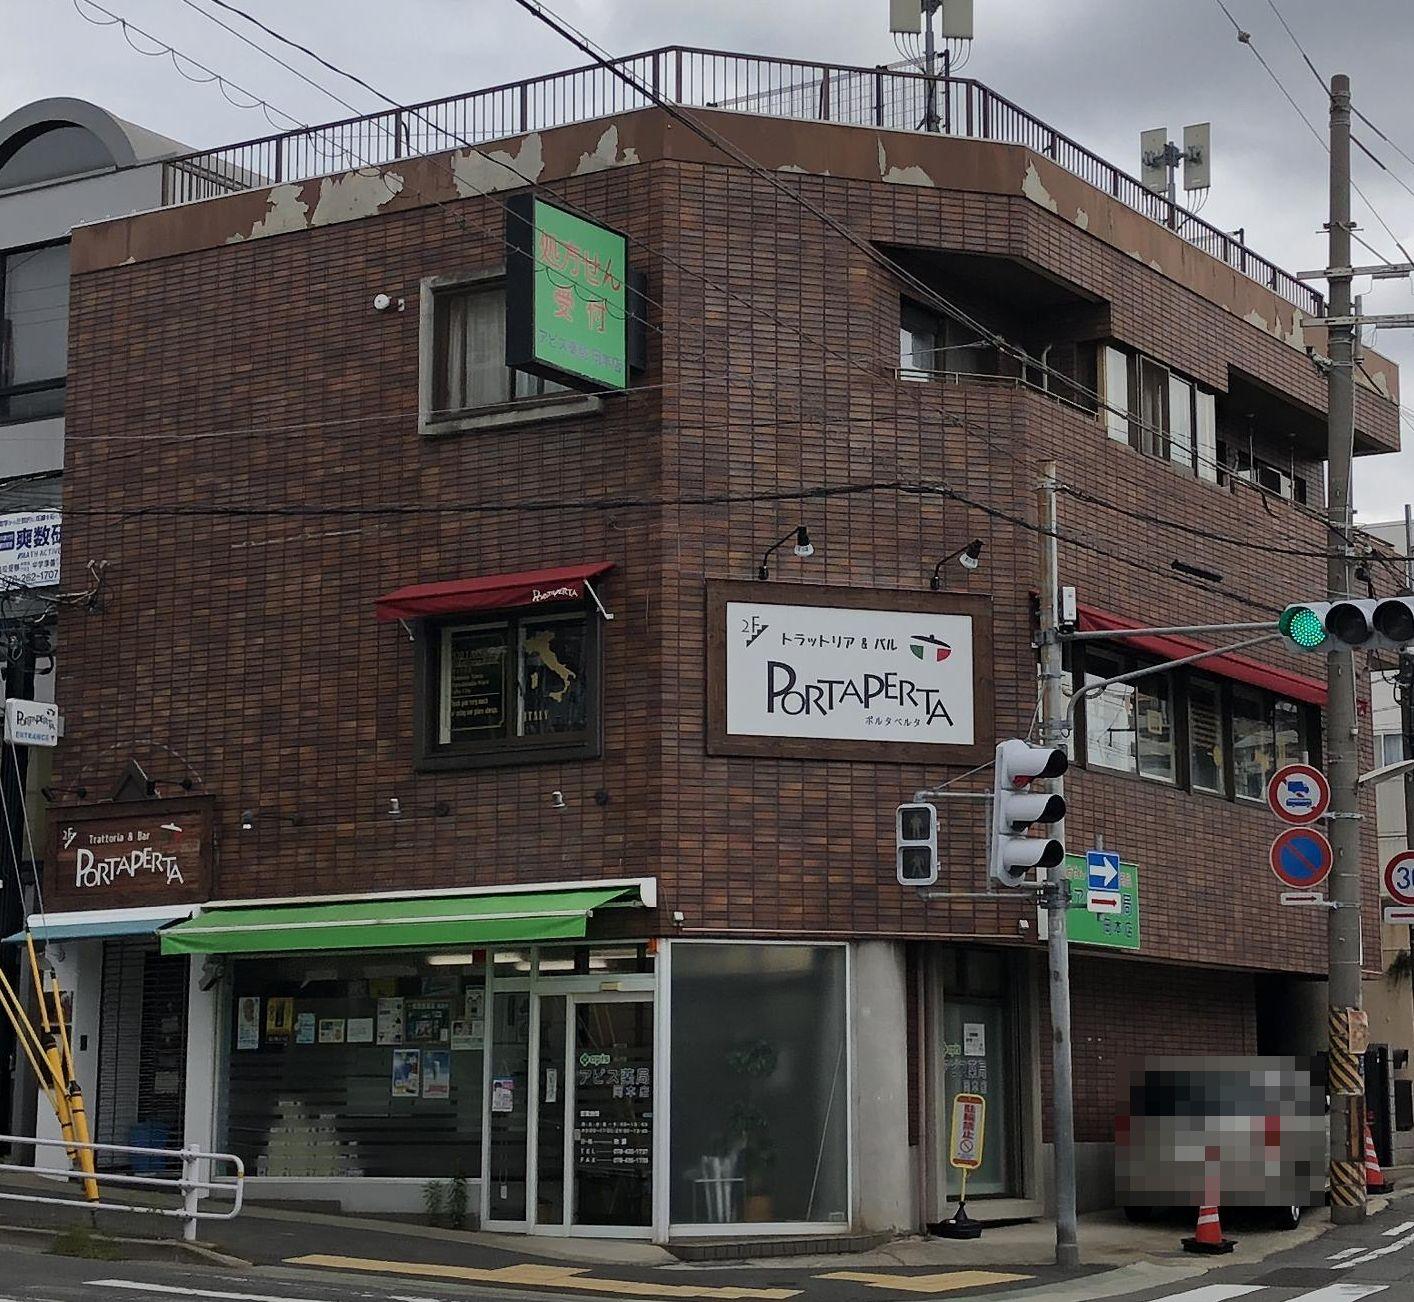 東灘・岡本にトラットリア&バルの「PORTAPERTA(ポルタペルタ)」が新しくオープンしたよ! #新規オープン #東灘区 #ポルタペルタ #イタリアンレストラン